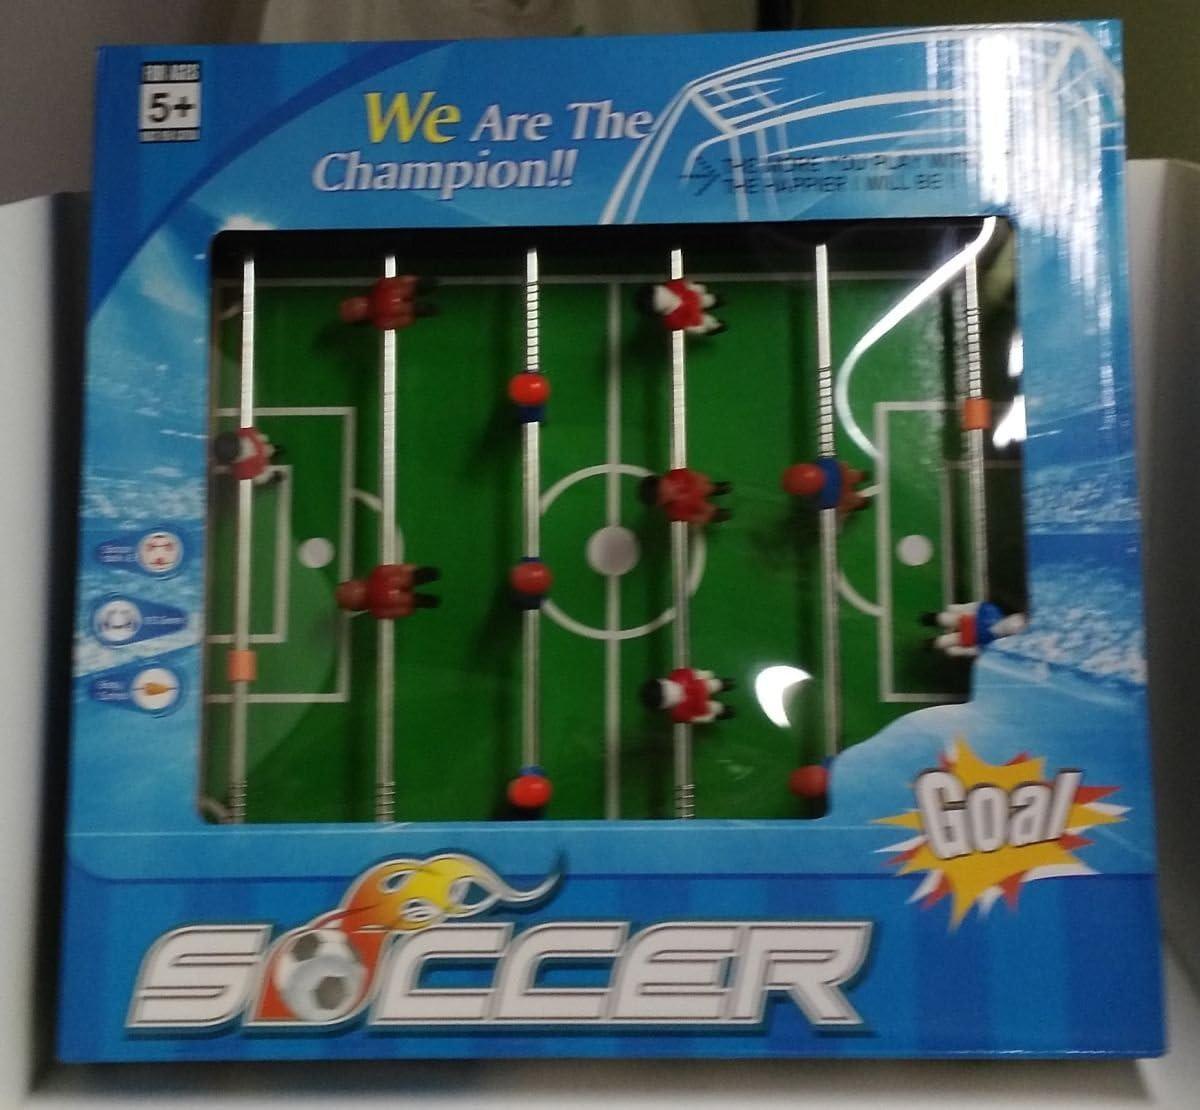 FUTBOL DE MESA, FUTBOLIN PARA NIÑOS: Amazon.es: Juguetes y juegos